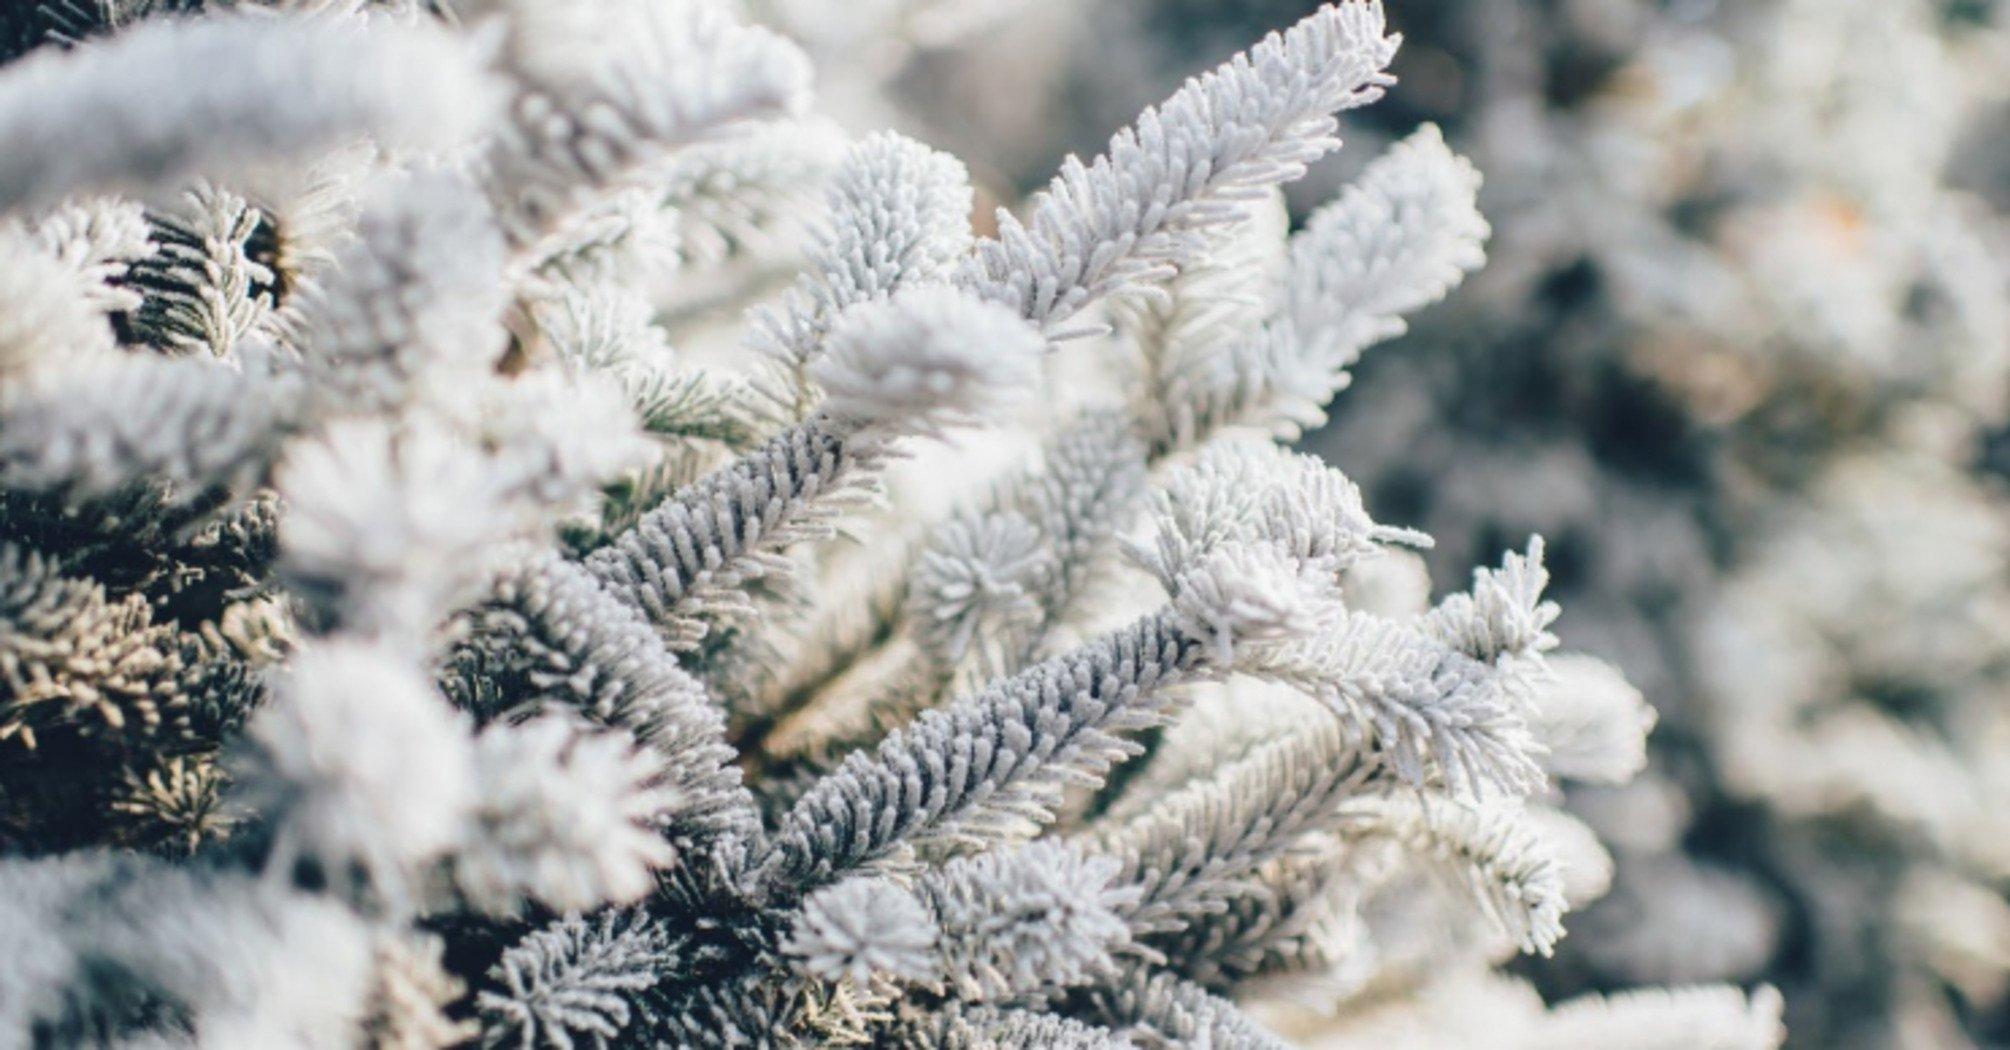 Ожидаем ухудшение погодных условий: синоптики предупредили о сильных морозах